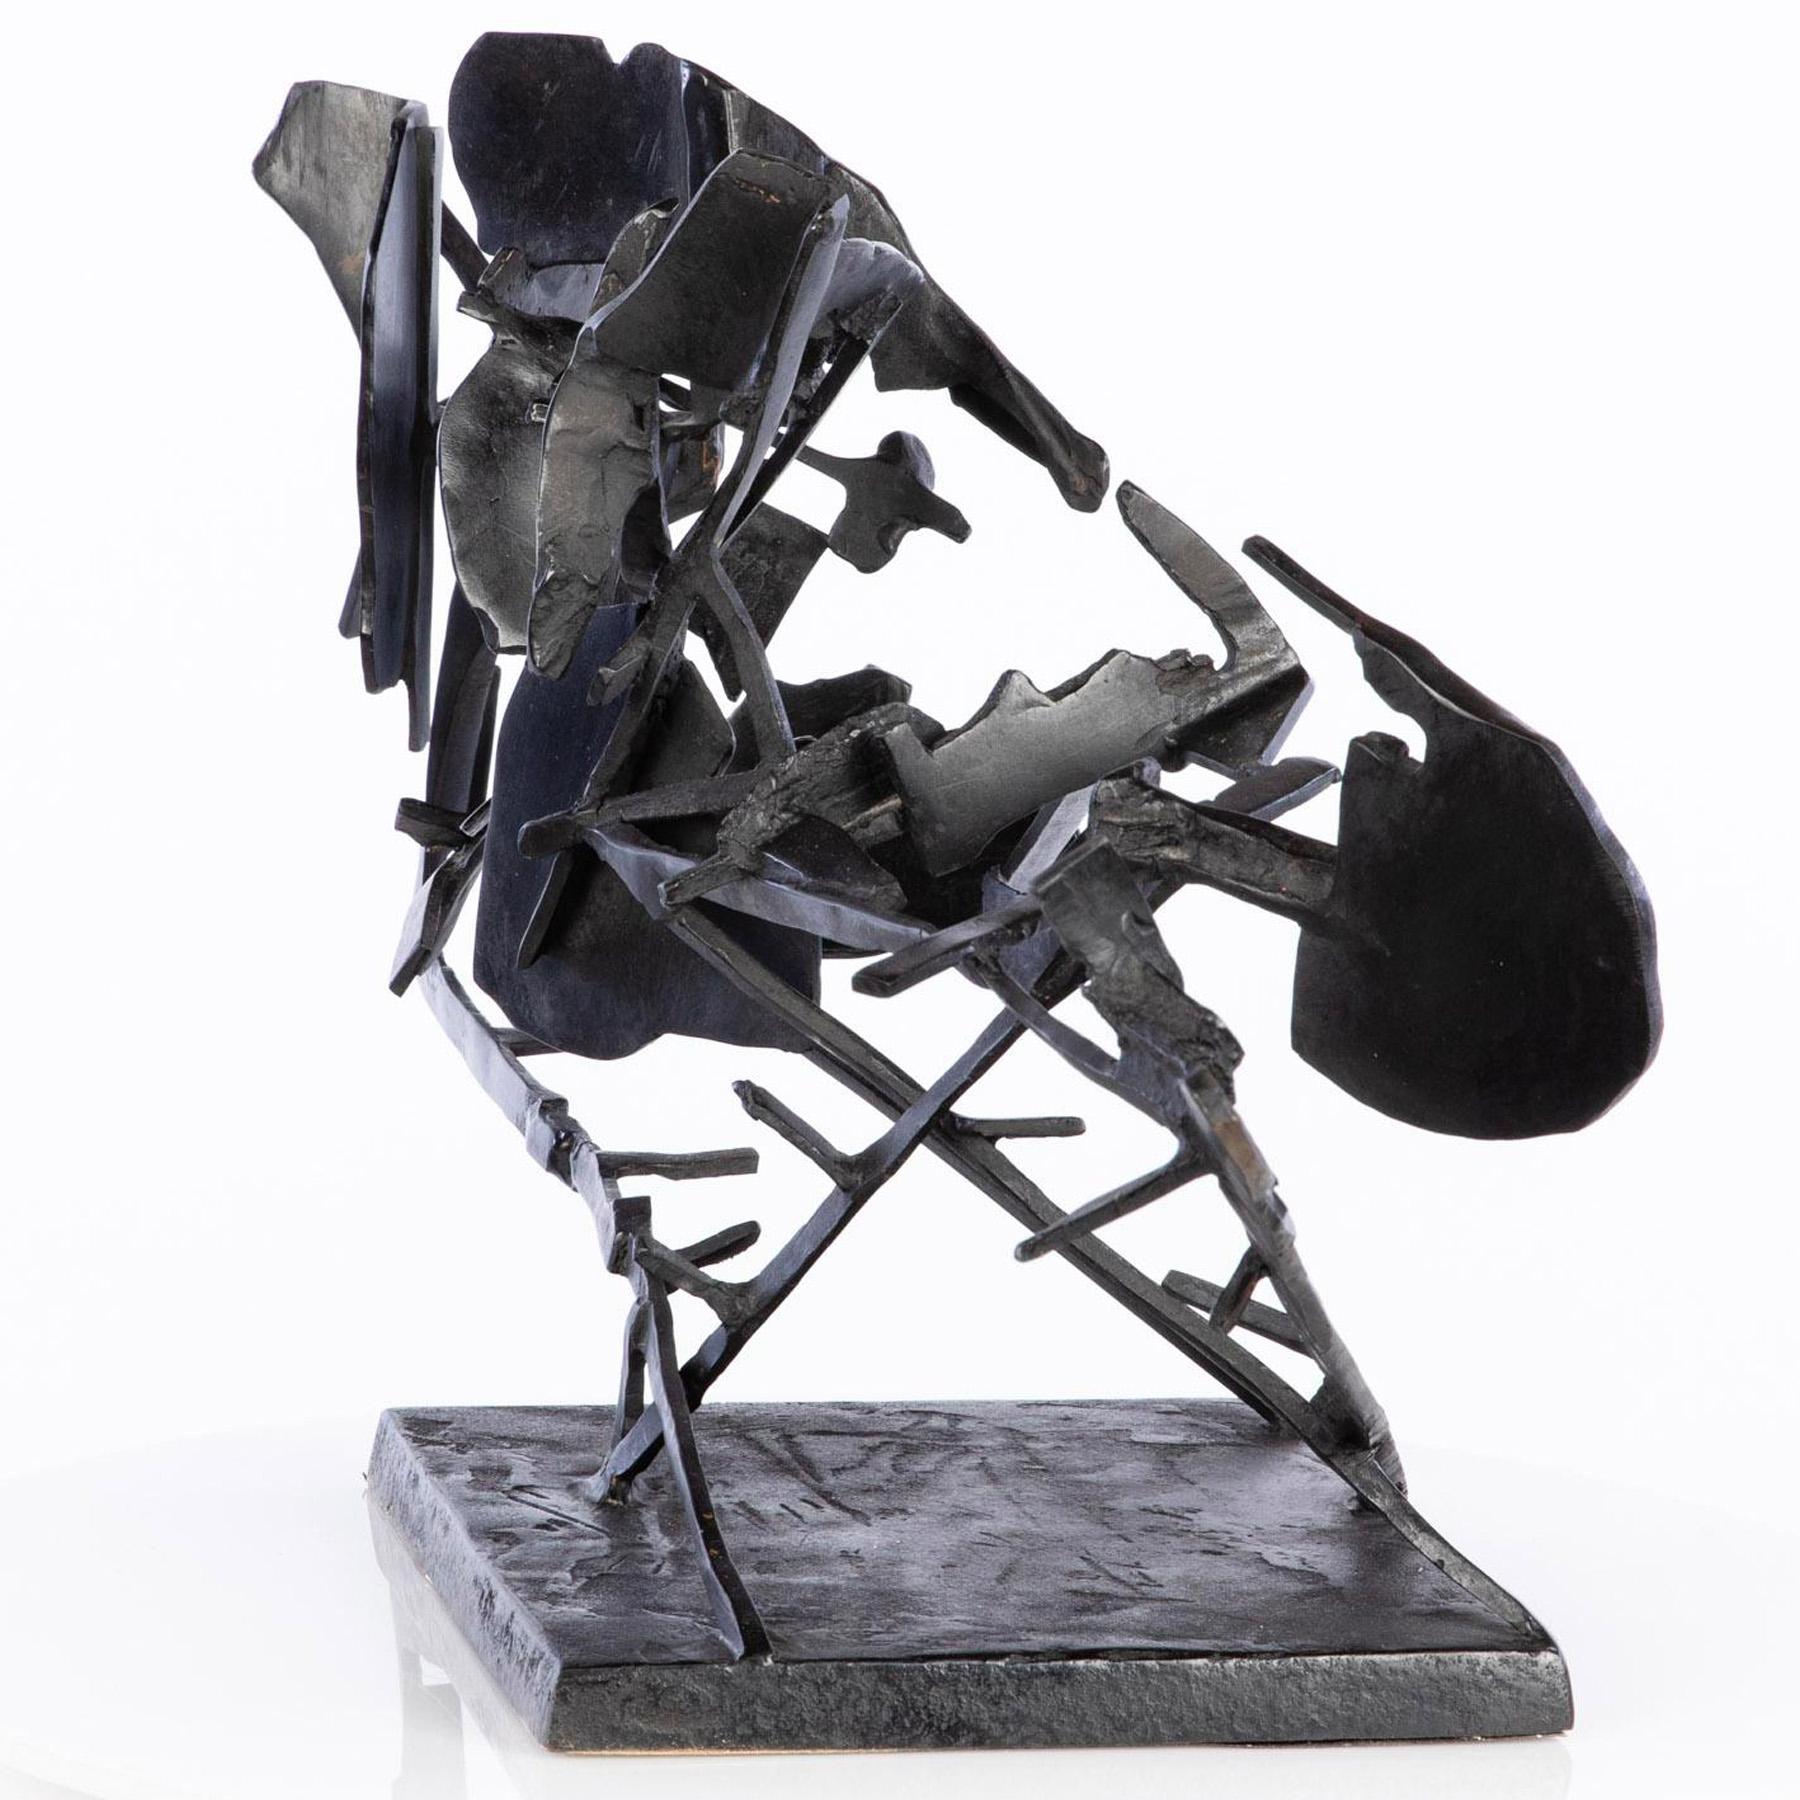 William Kentridge, Sculpture for Return (Commendatore Naso), Bronze, 2008